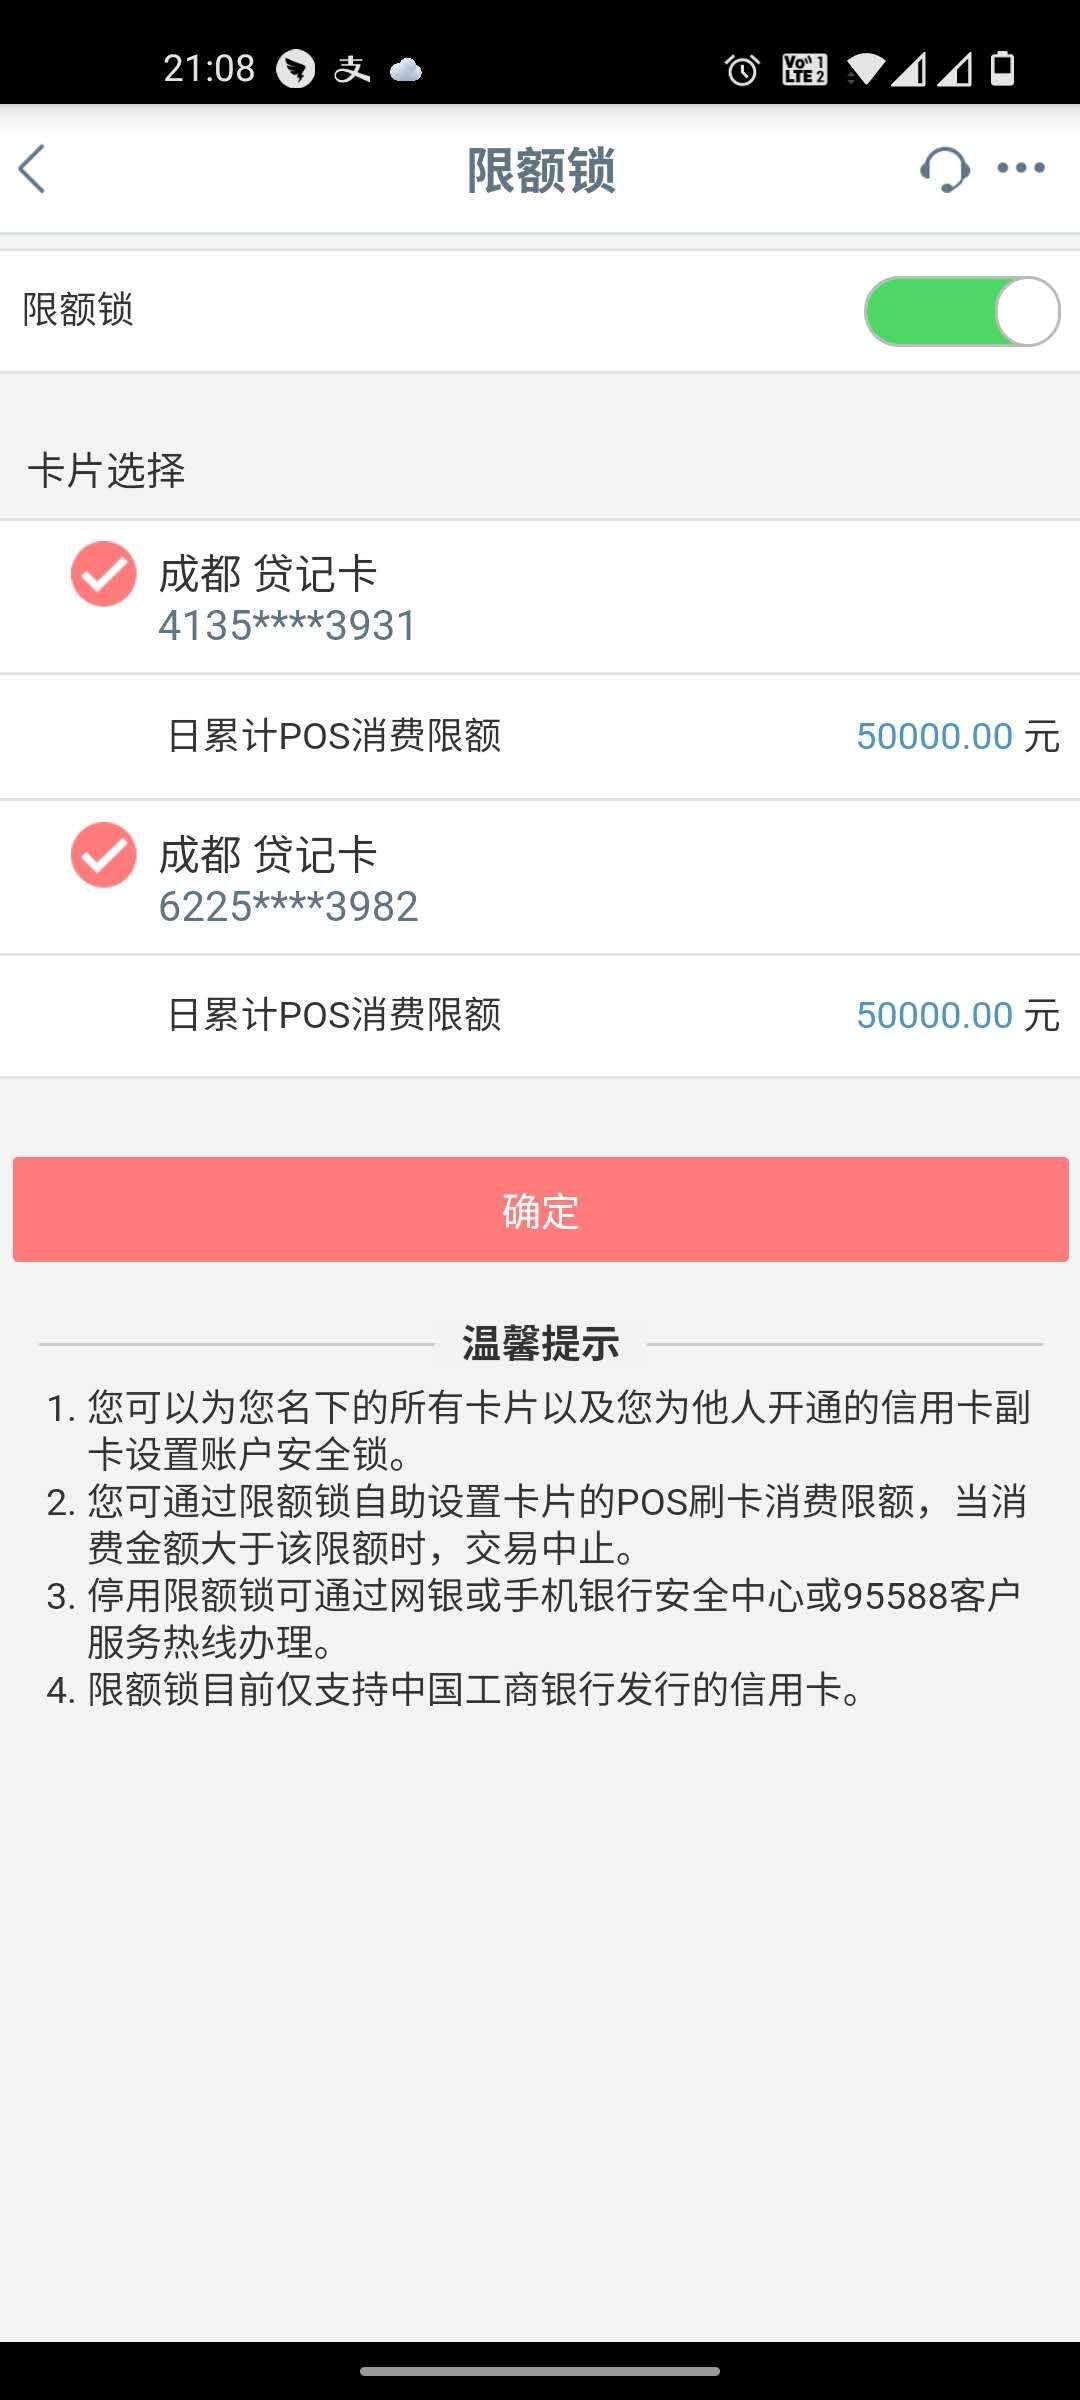 给尾号 3931(VISA)、3982(银联) 皆开启限额锁。日累计POS消费限额设置为 50000 元。